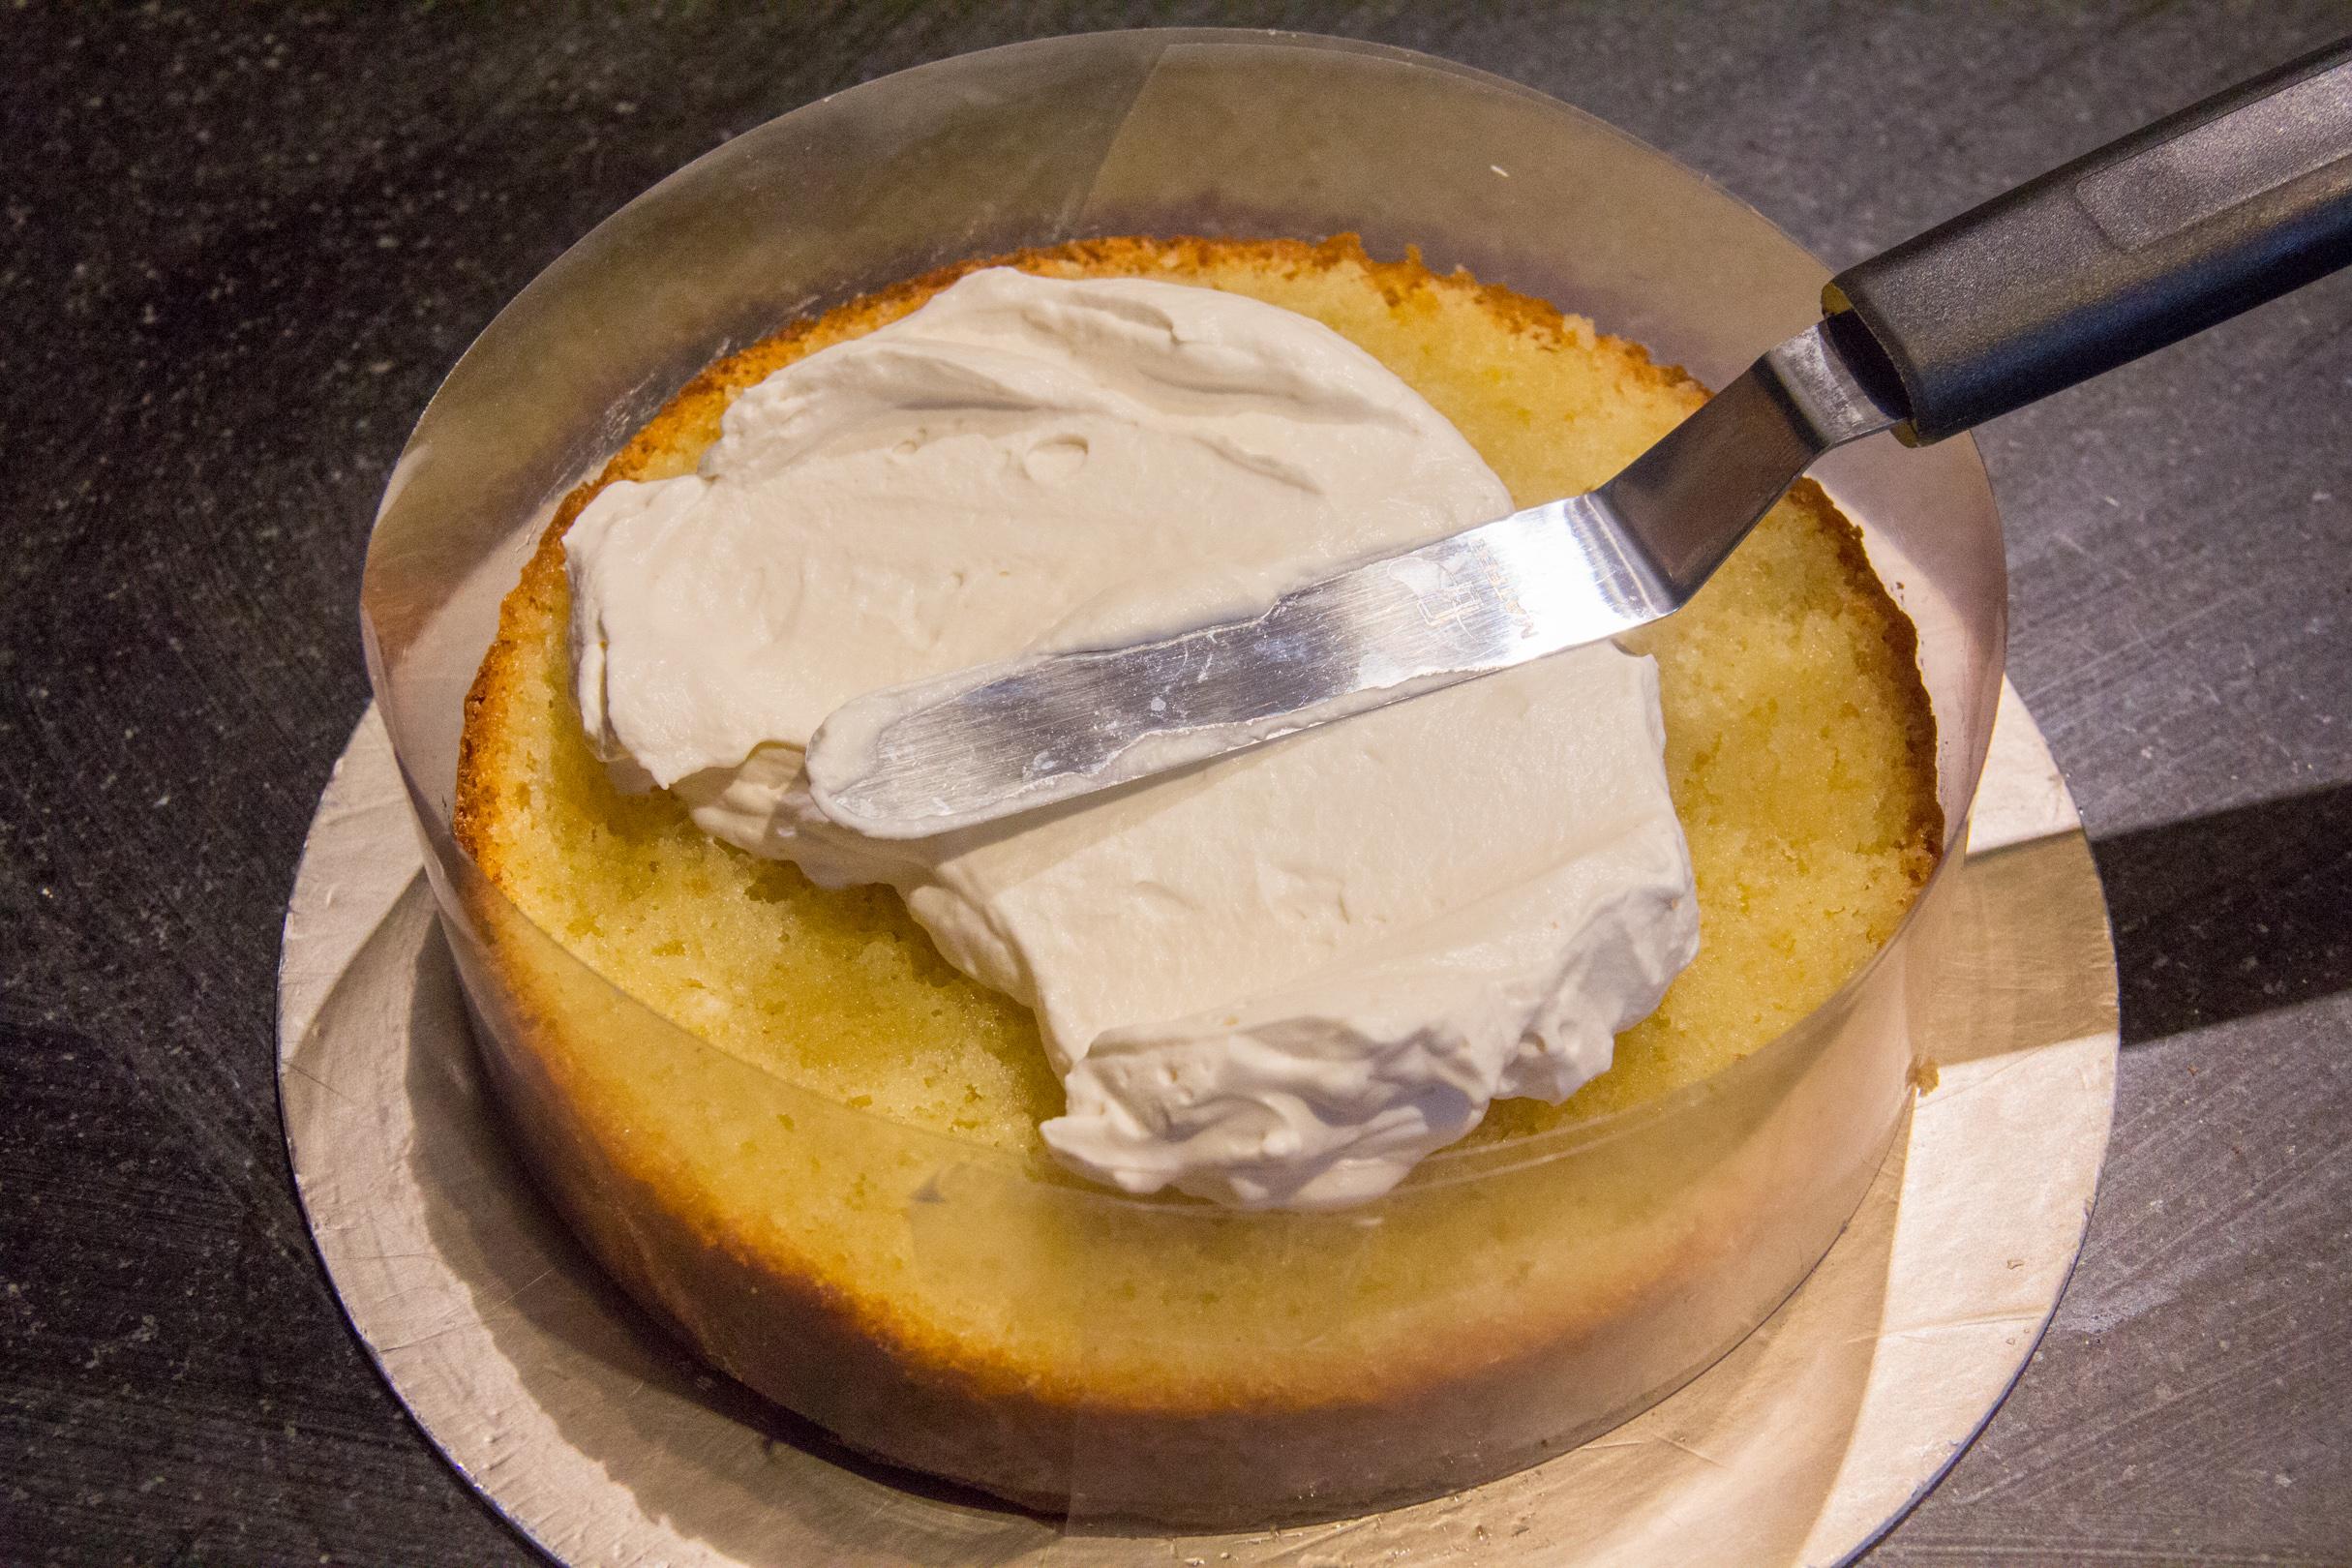 Garnissez généreusement le dessus de chantilly à la vanille